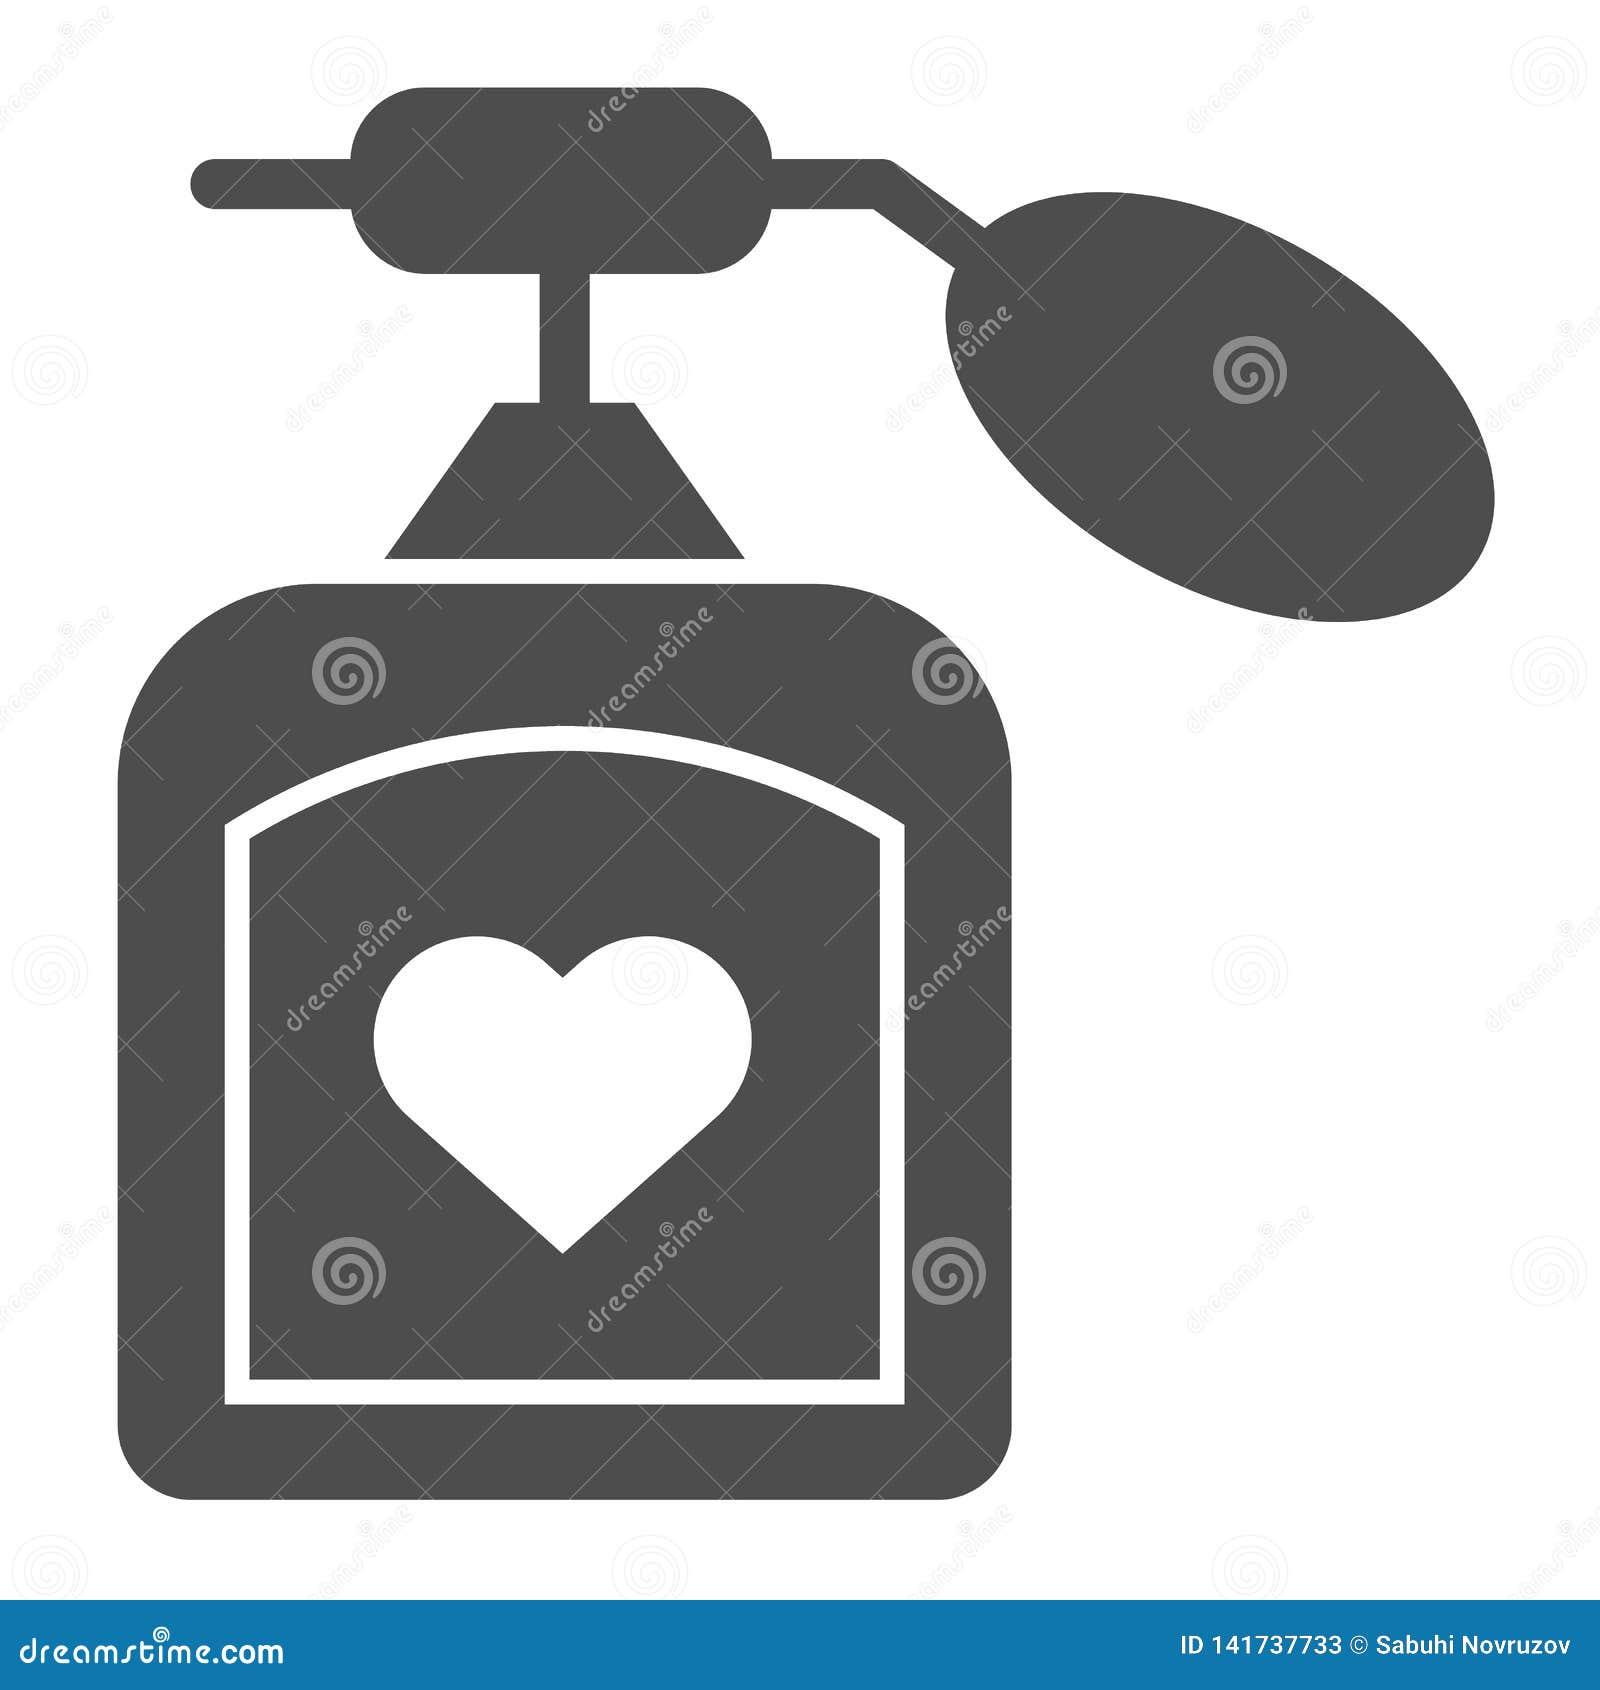 Parfümkörperikone Aromavektorillustration lokalisiert auf Weiß Duft Glyph-Artdesign, bestimmt für Netz und APP